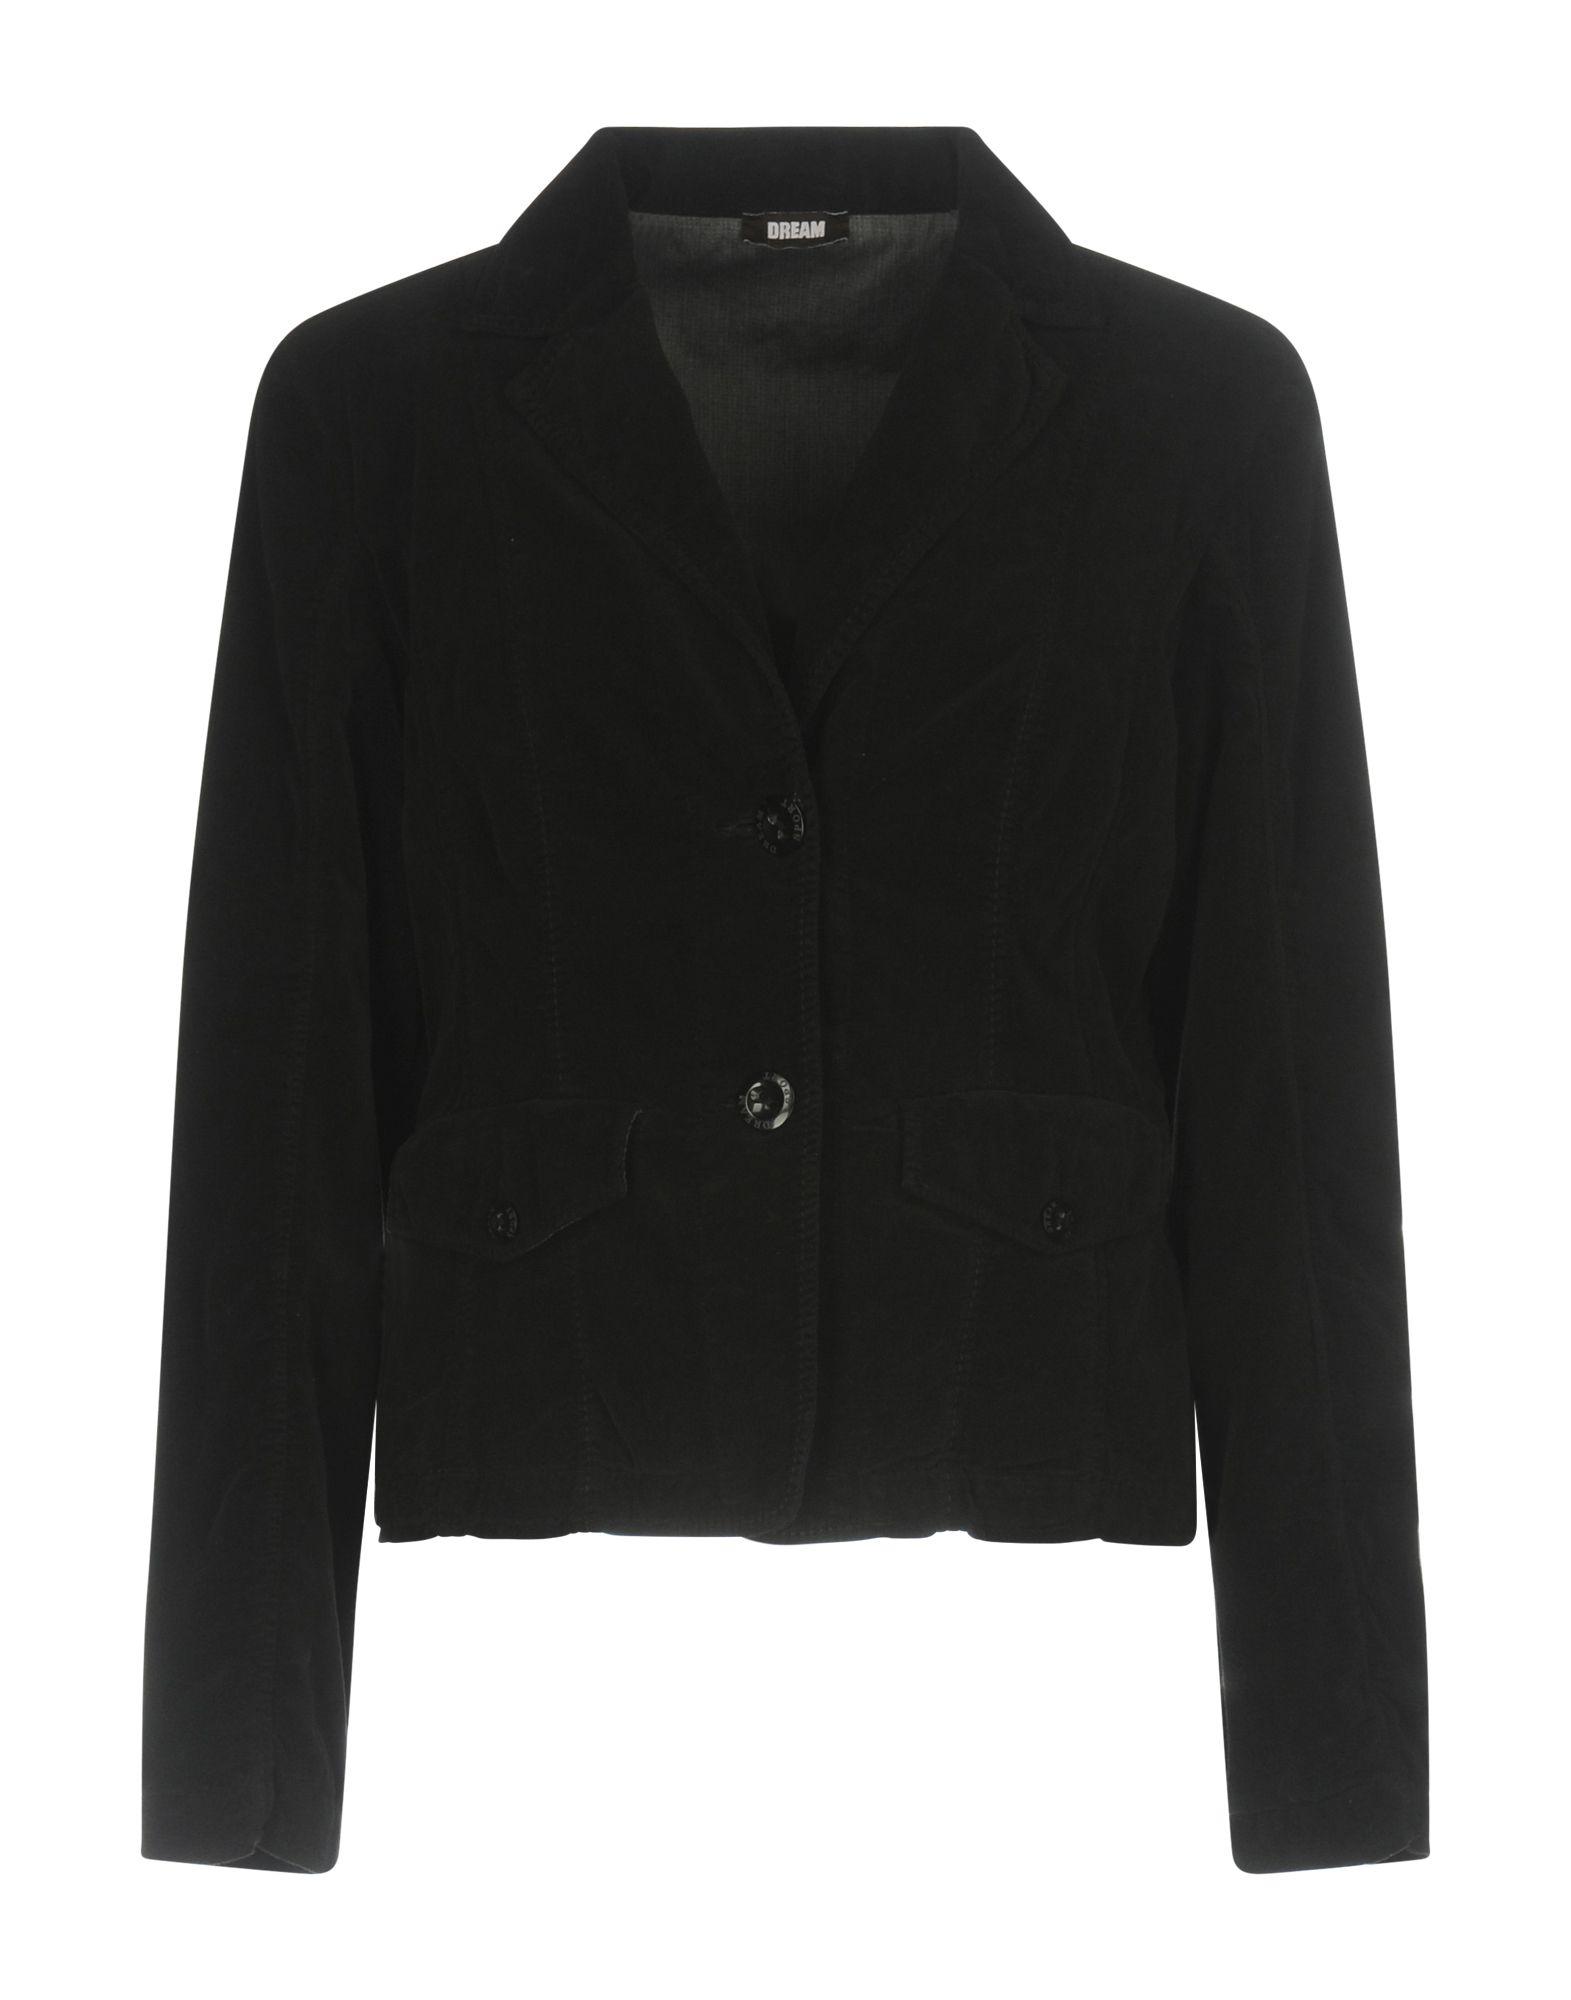 DREAM Blazer in Black